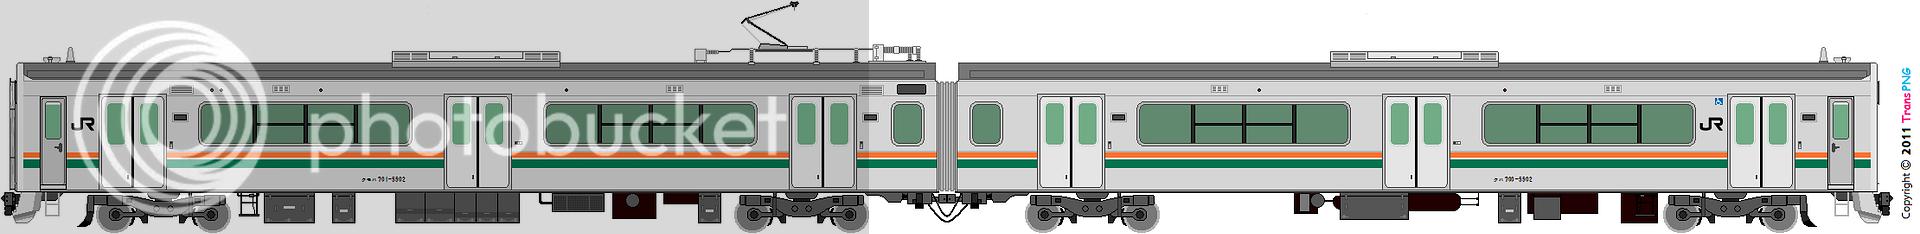 [5259] 東日本旅客鉄道 2259